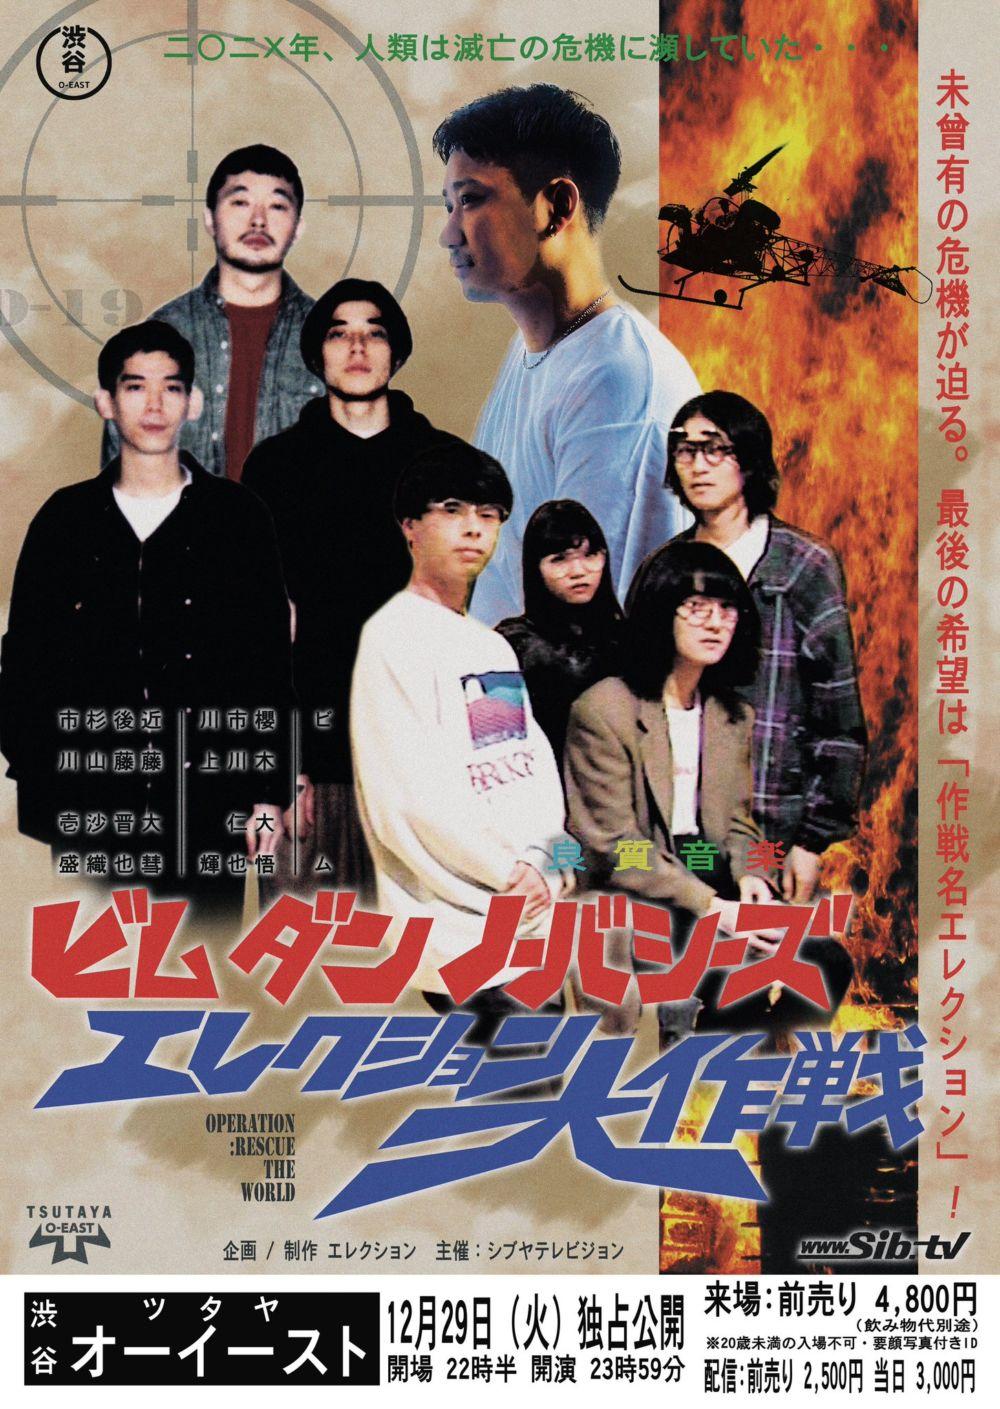 ストリートなイベント【東京】BIM × D.A.N. × No Buses -エレクション大作戦- BIM、D.A.N.、No Busesによるトライアングル・マッチがオールナイトで開催!